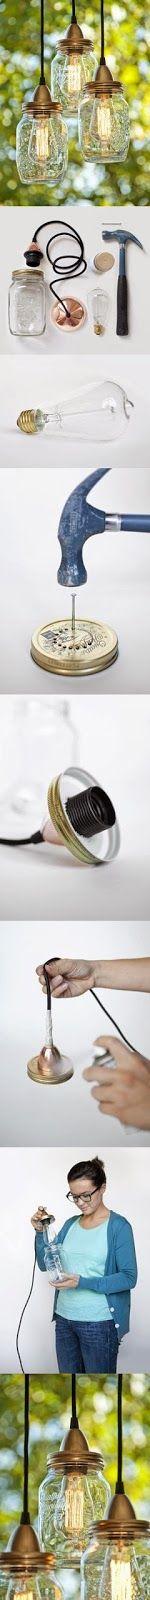 My DIY Projects: DIY Mason Jar Light  #MasonJar #Light! #DIY #Mason #Jar #Light #Craft #MakeYourOwn